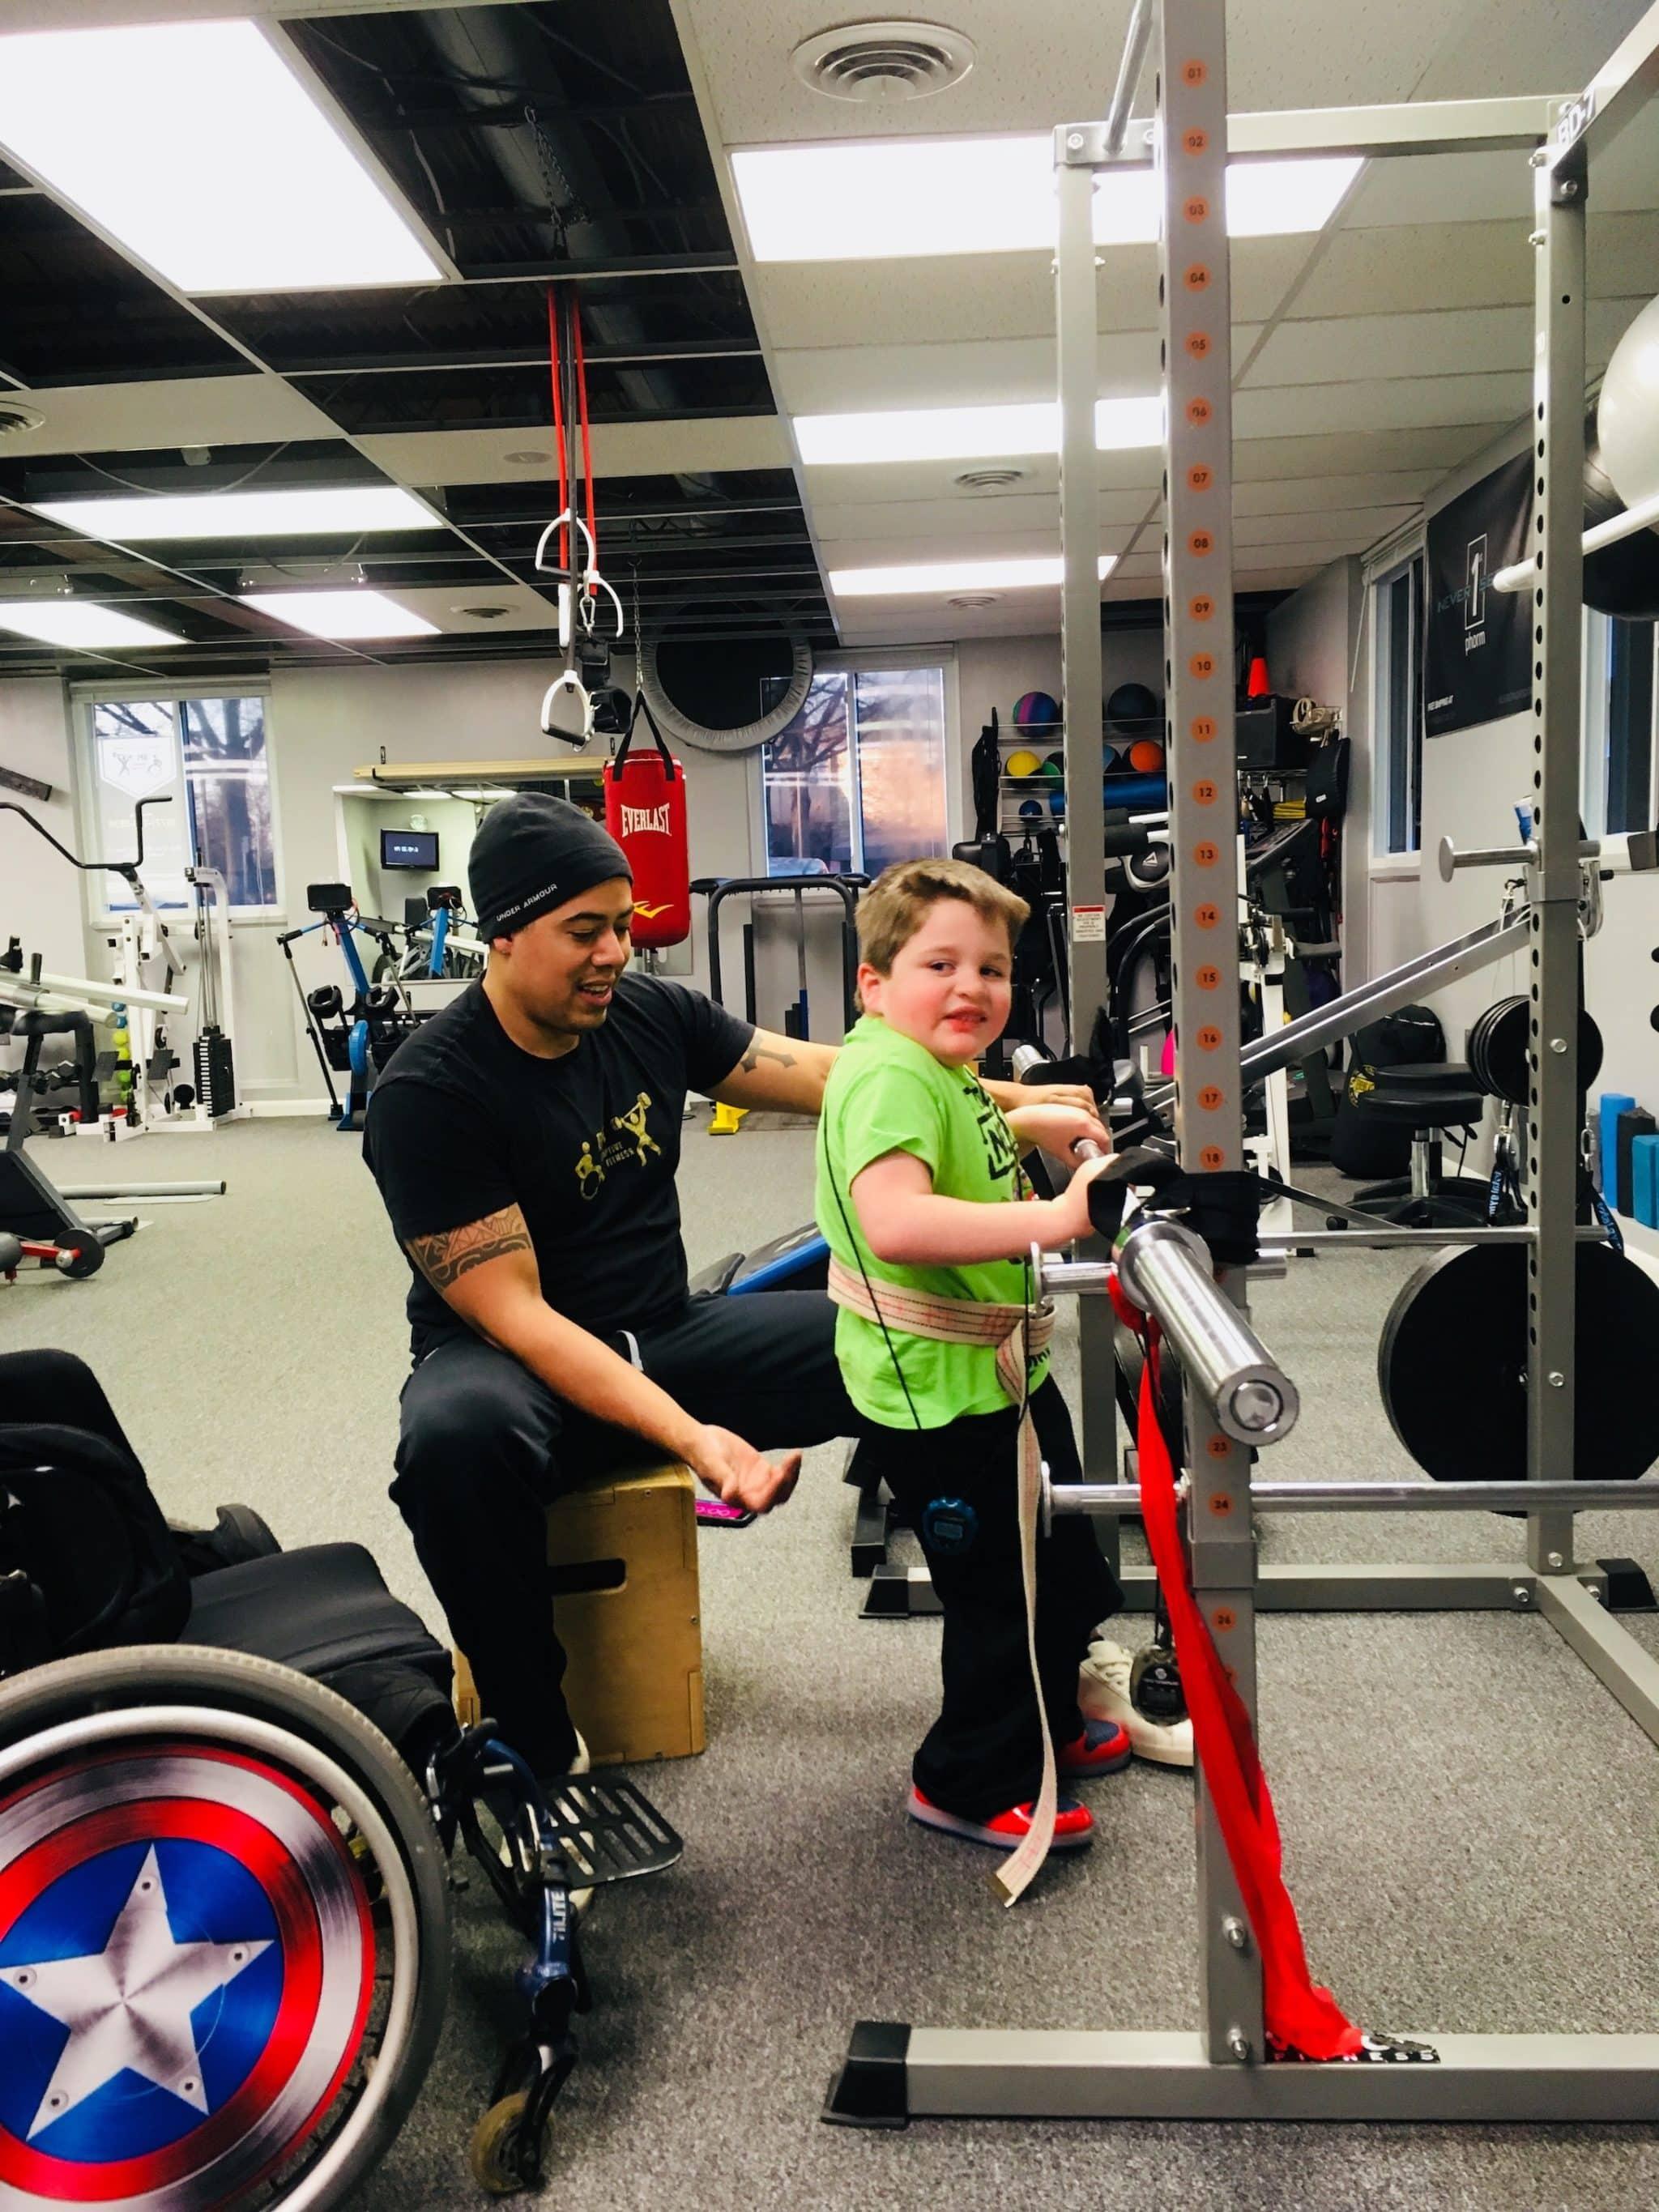 Devon-boy-wheelchair-lifting-weights